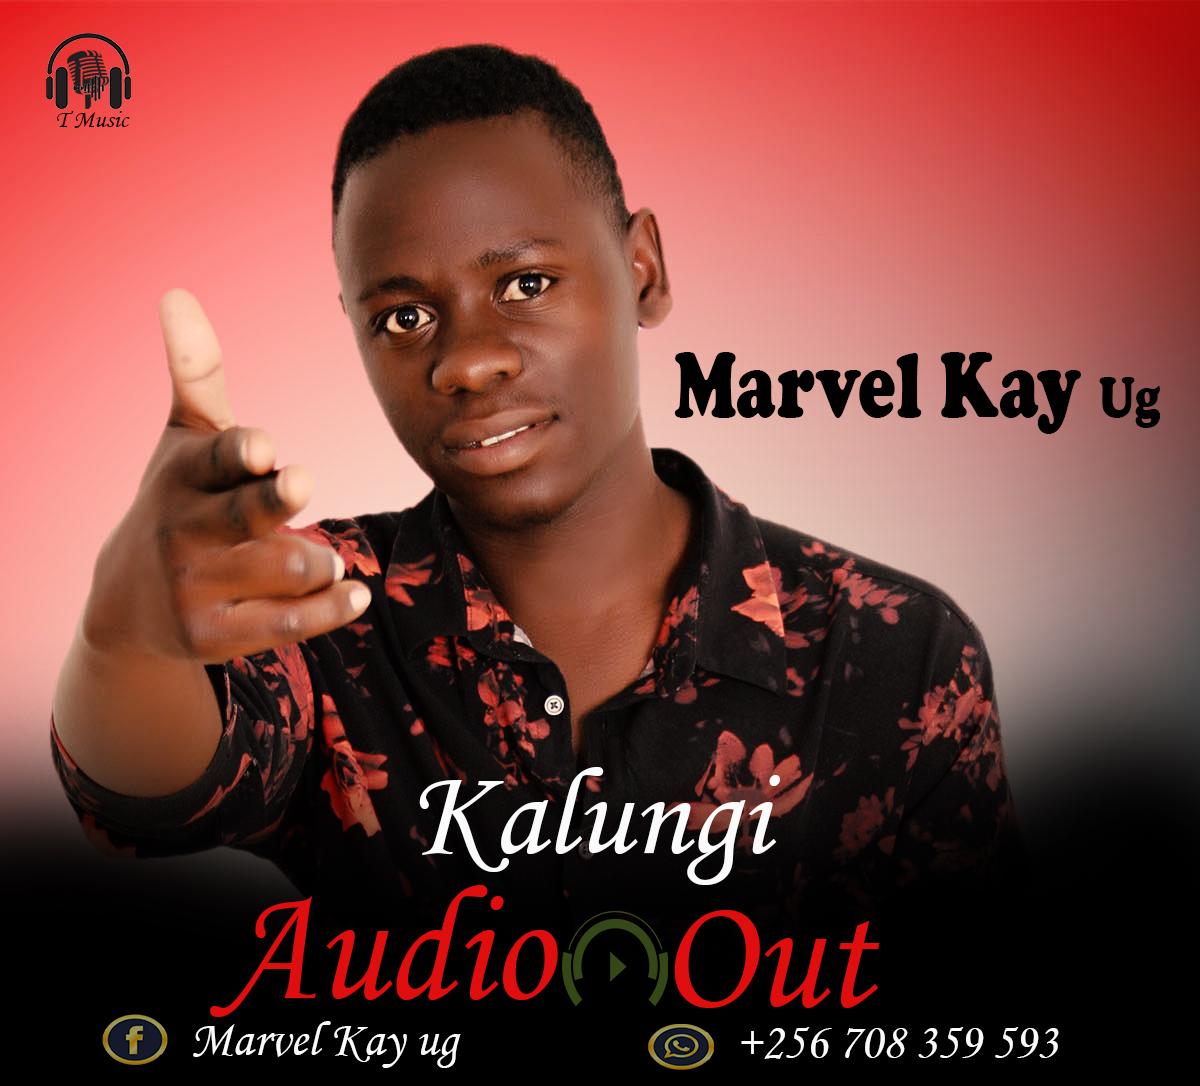 Marvel Kay